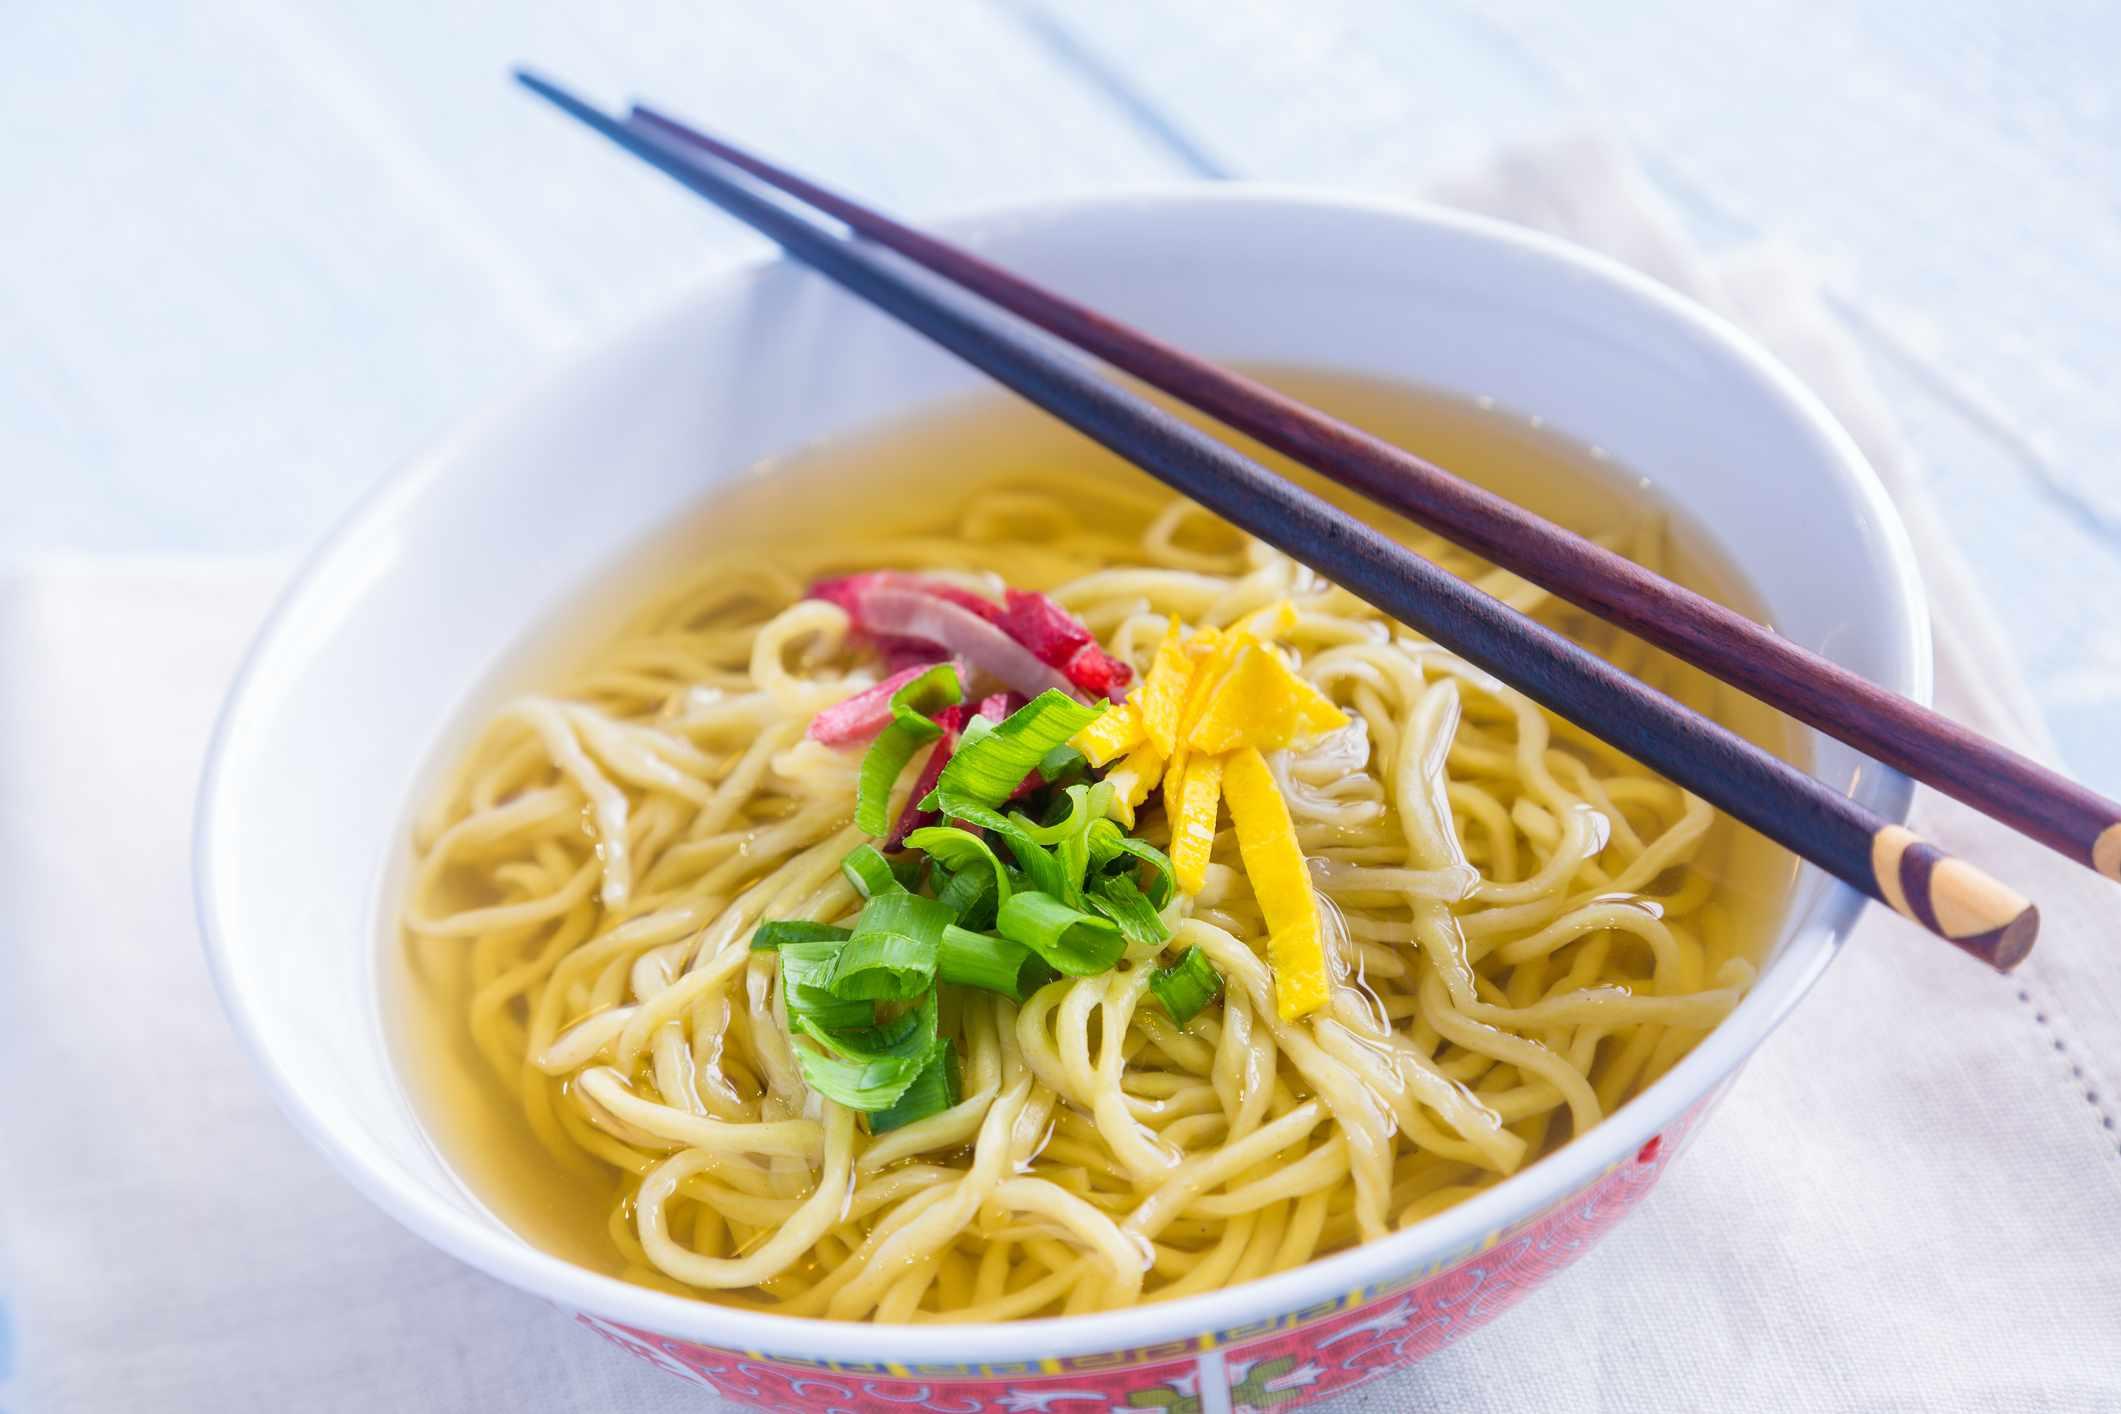 Saimin noodle soup